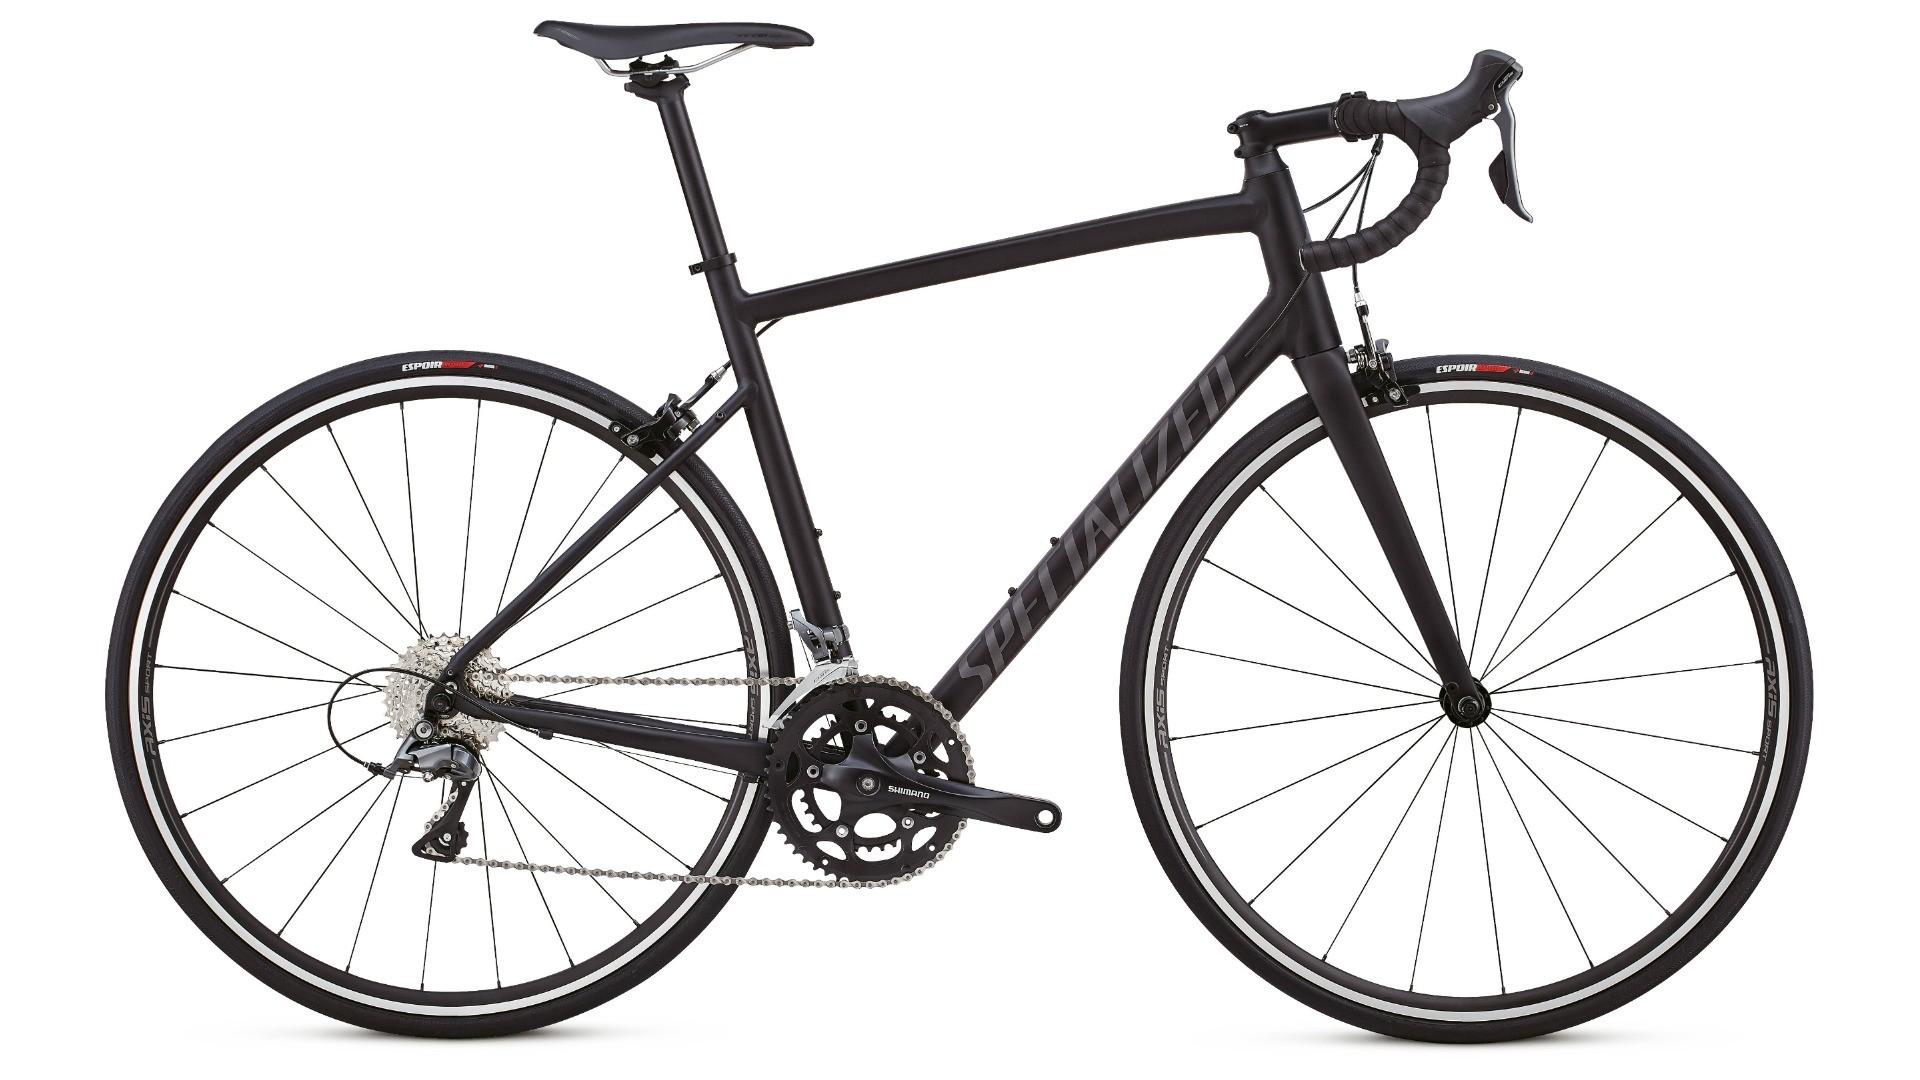 specialized_allez_roadbike-1497505835774-ql7rfro3fj68-a84f63a